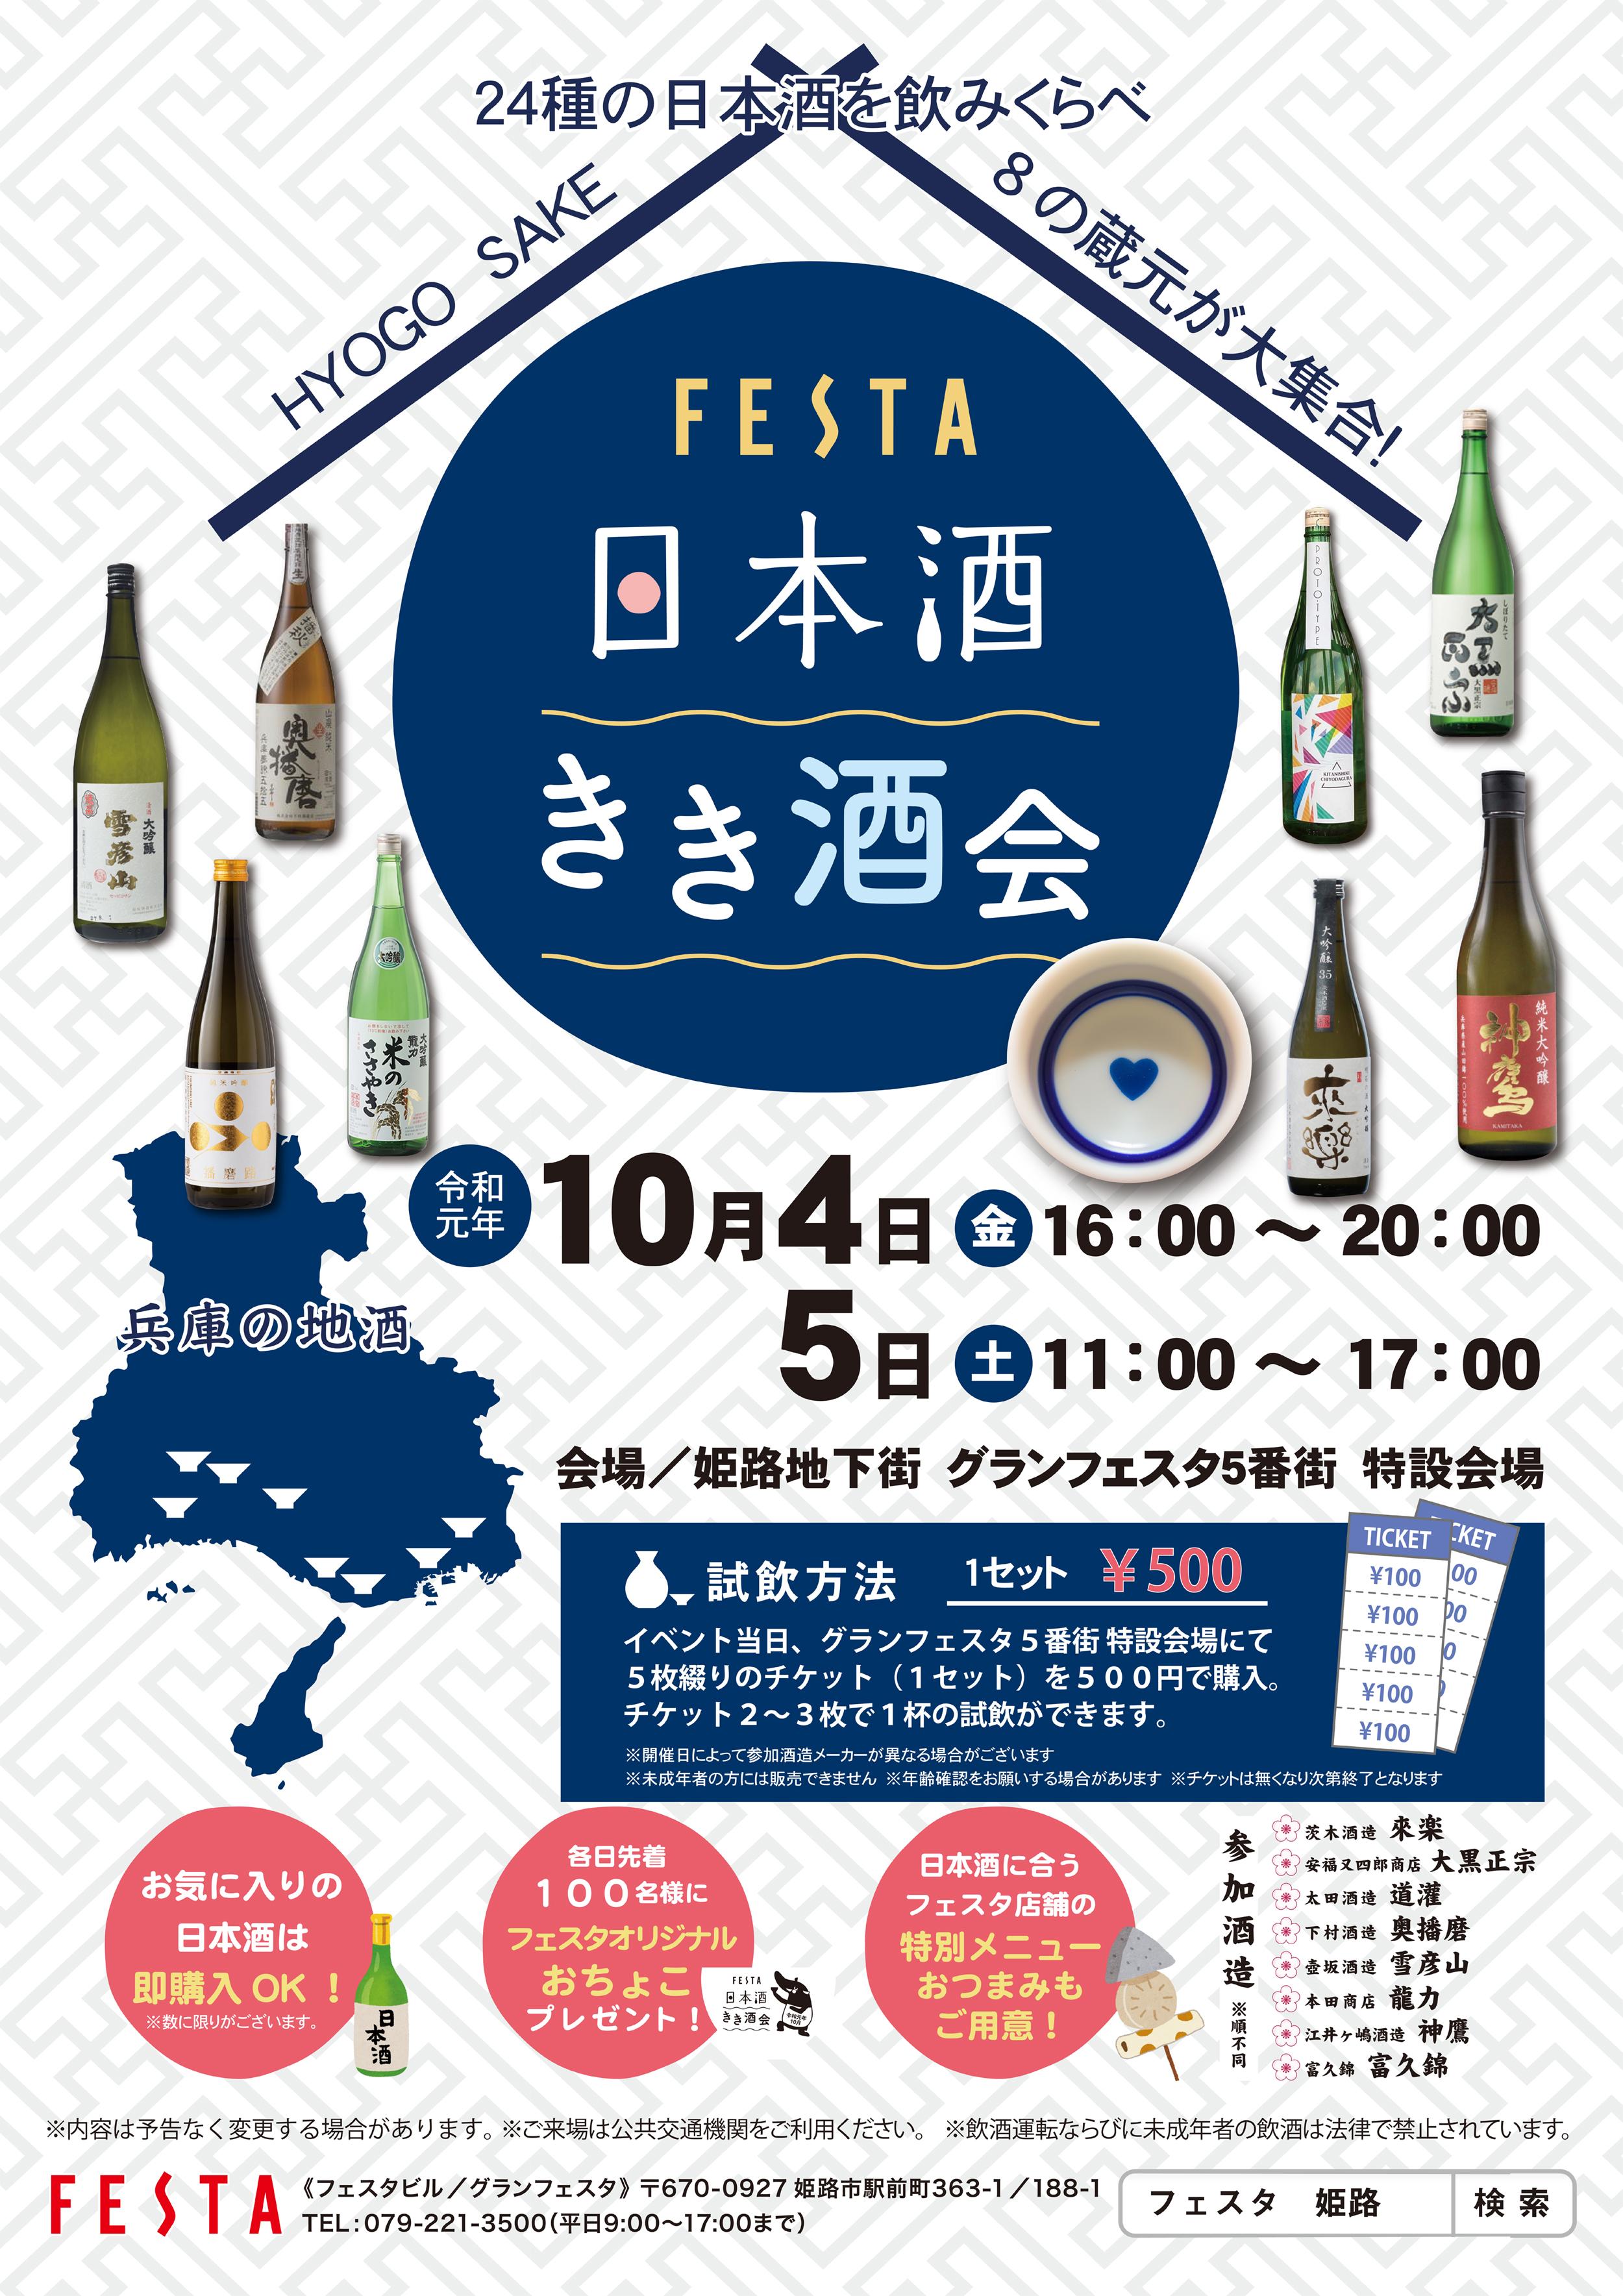 兵庫の地酒を飲み比べ 日本酒きき酒会 詳細